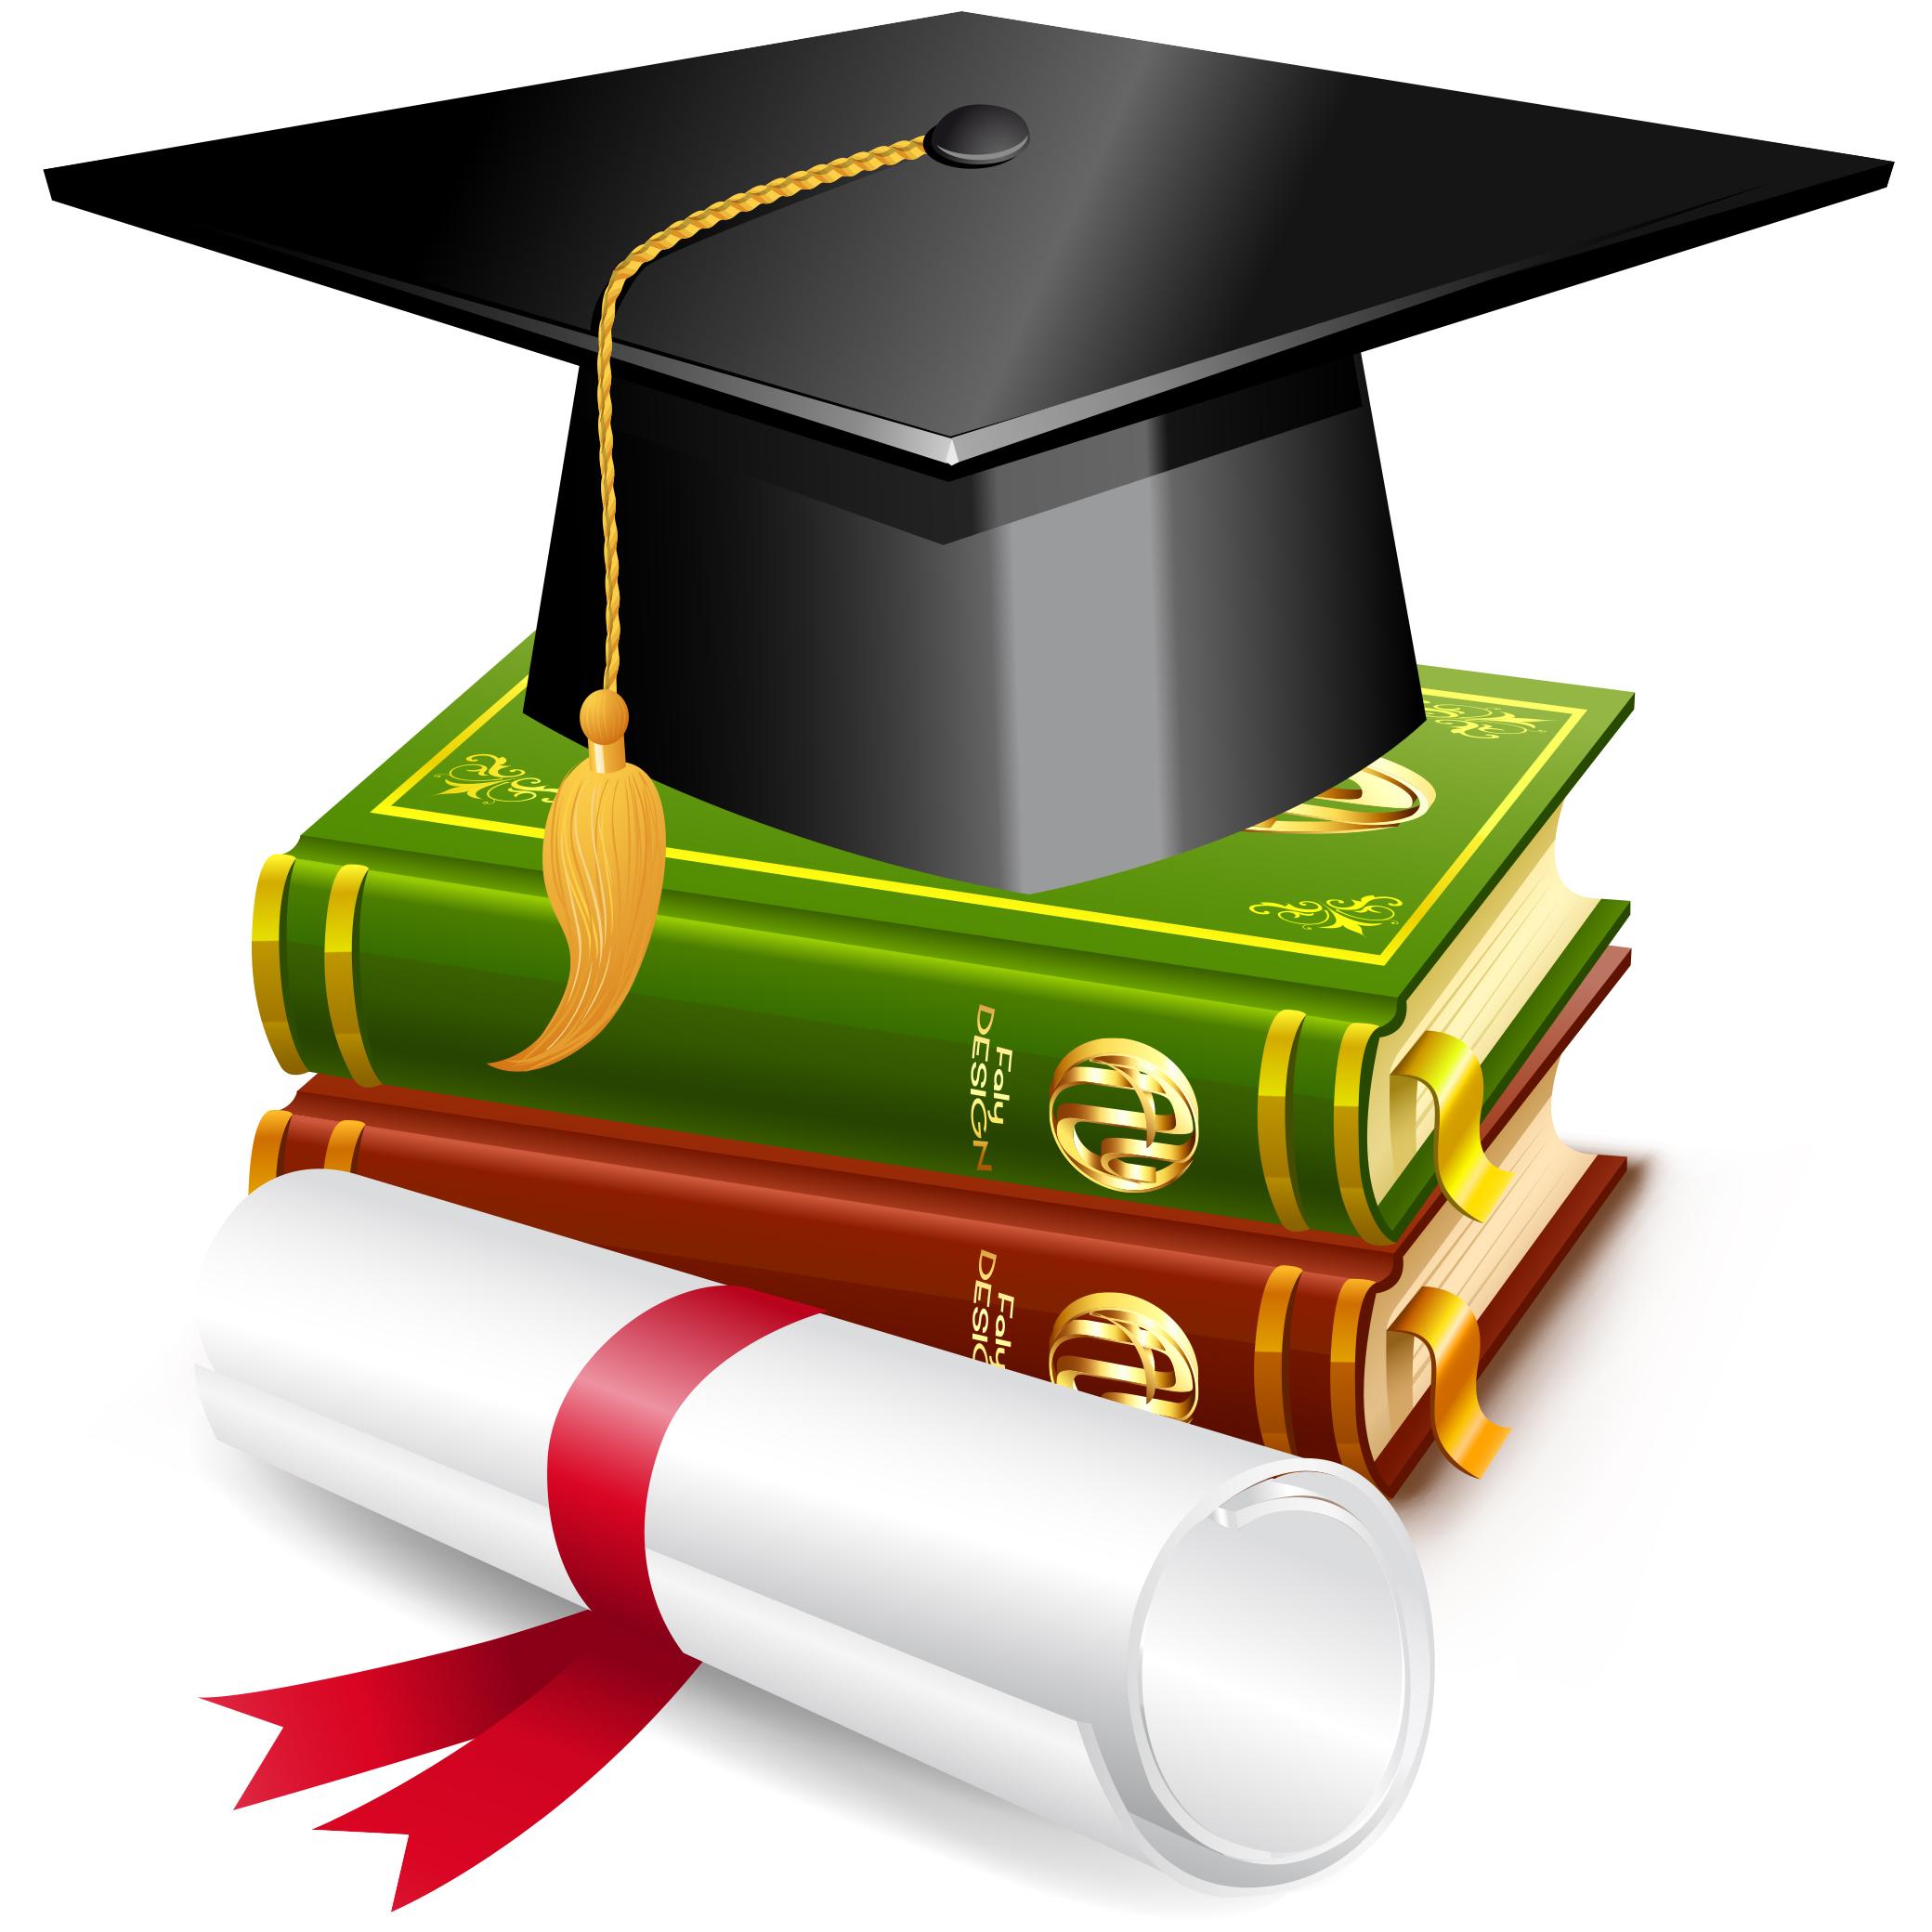 Étudiant diplômé datant premier cycle